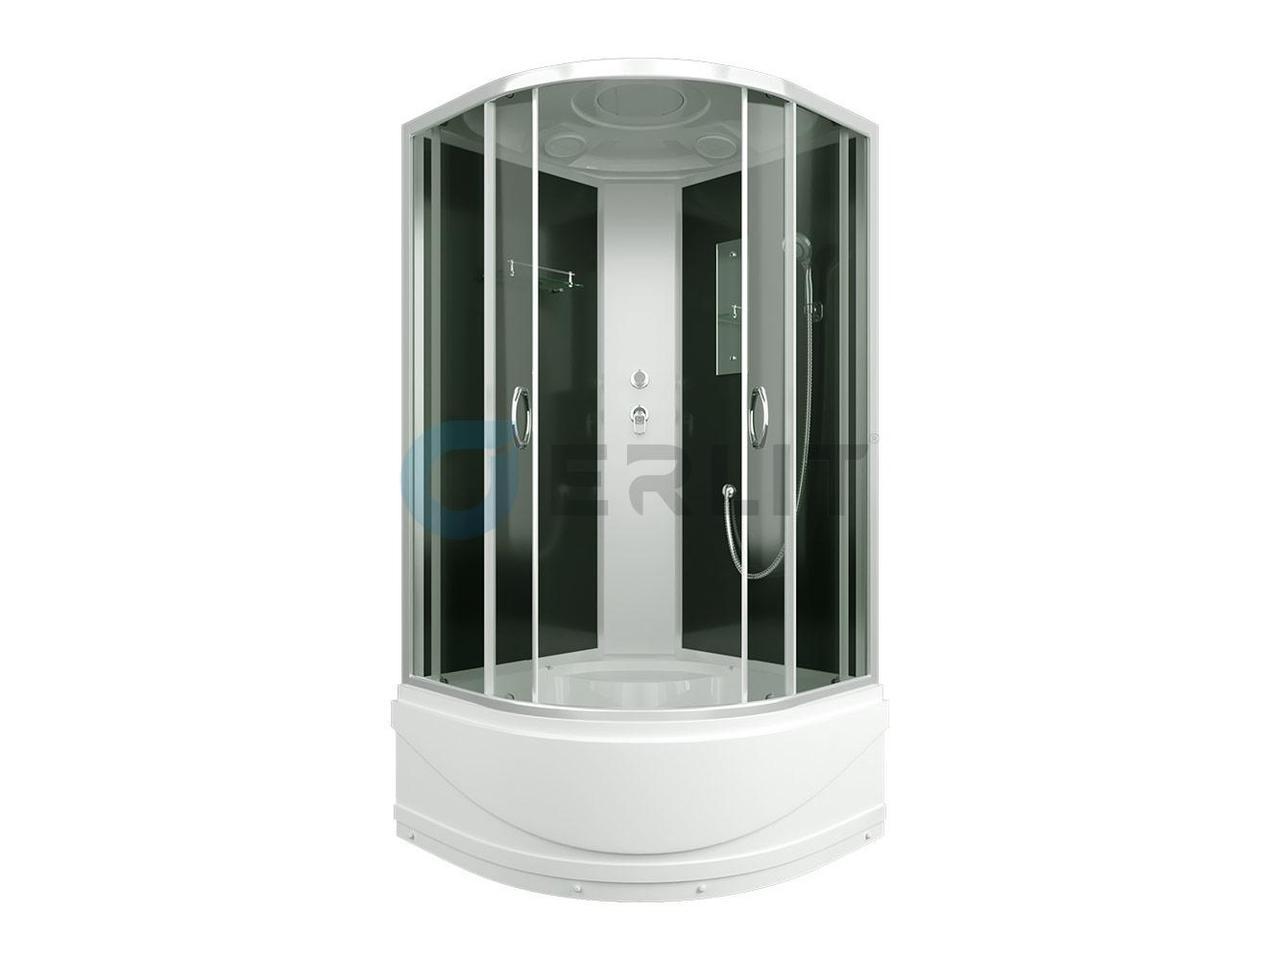 Душевая кабина Erlit ER3508TP-С4, 80х80 см, С высоким поддоном. Тонированное стекло.